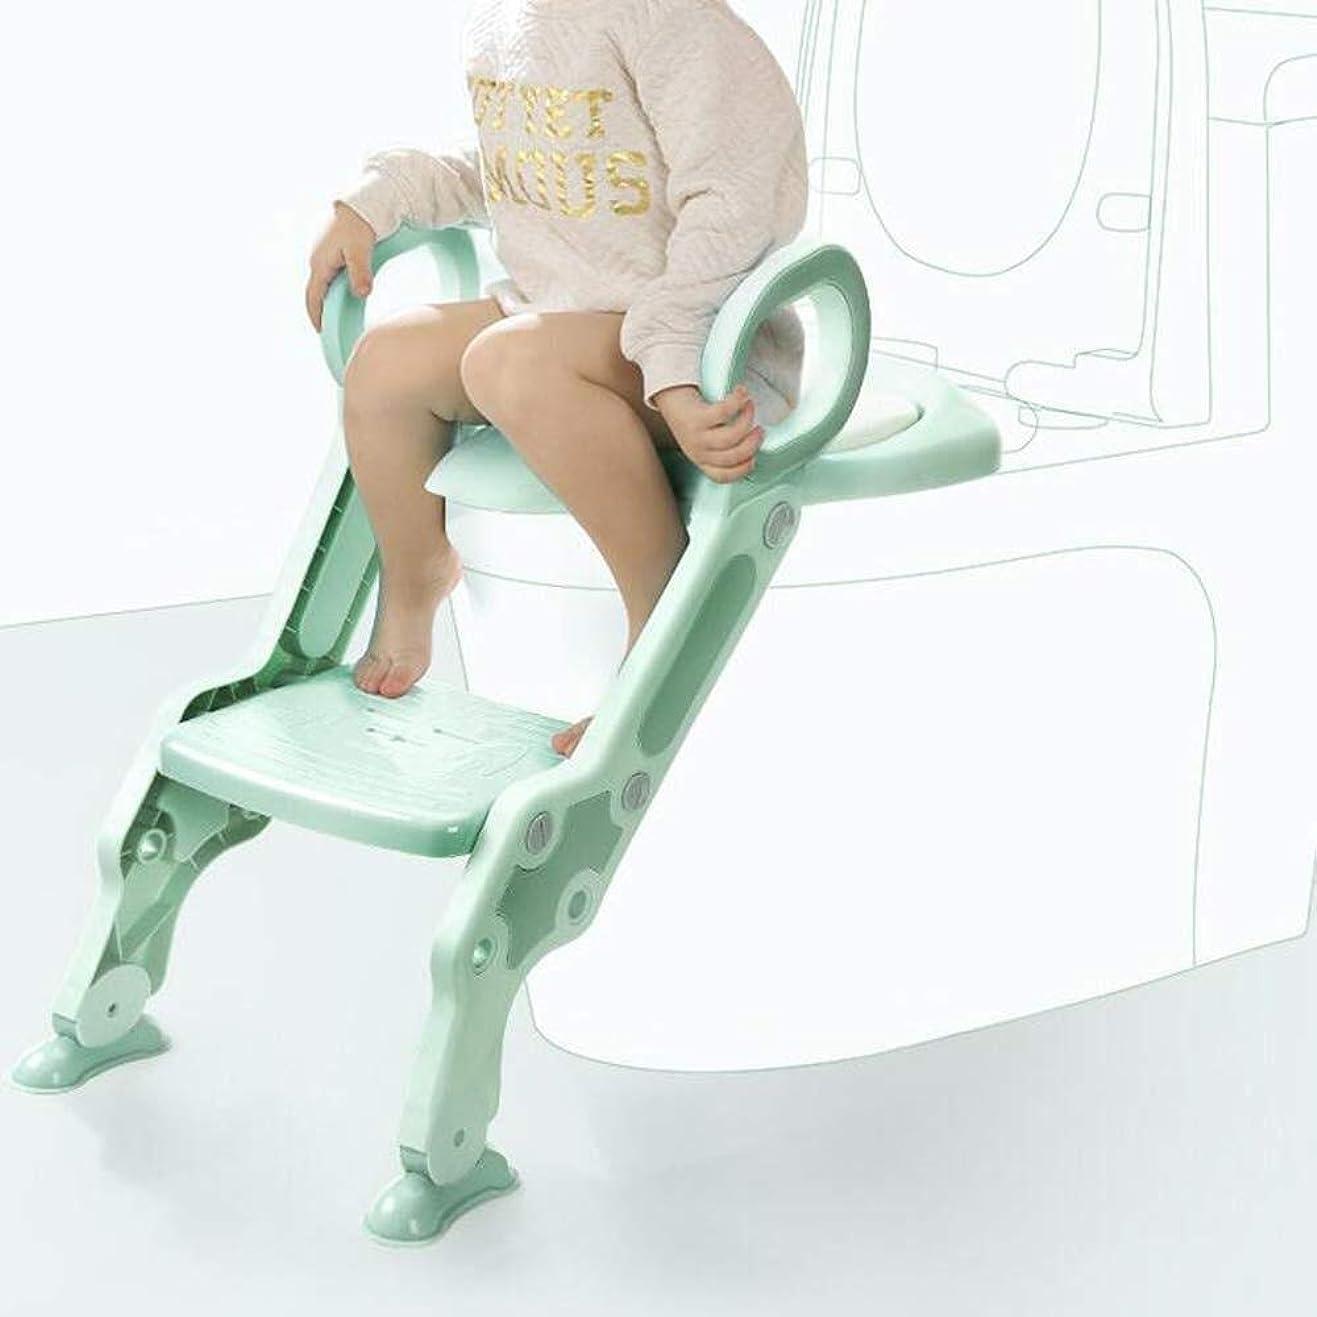 作るあごひげ分析的なKJRJMT トレーニングシート幼児用トイレシートトイレチェアで子供用滑り止めソフトクッショントイレラダー